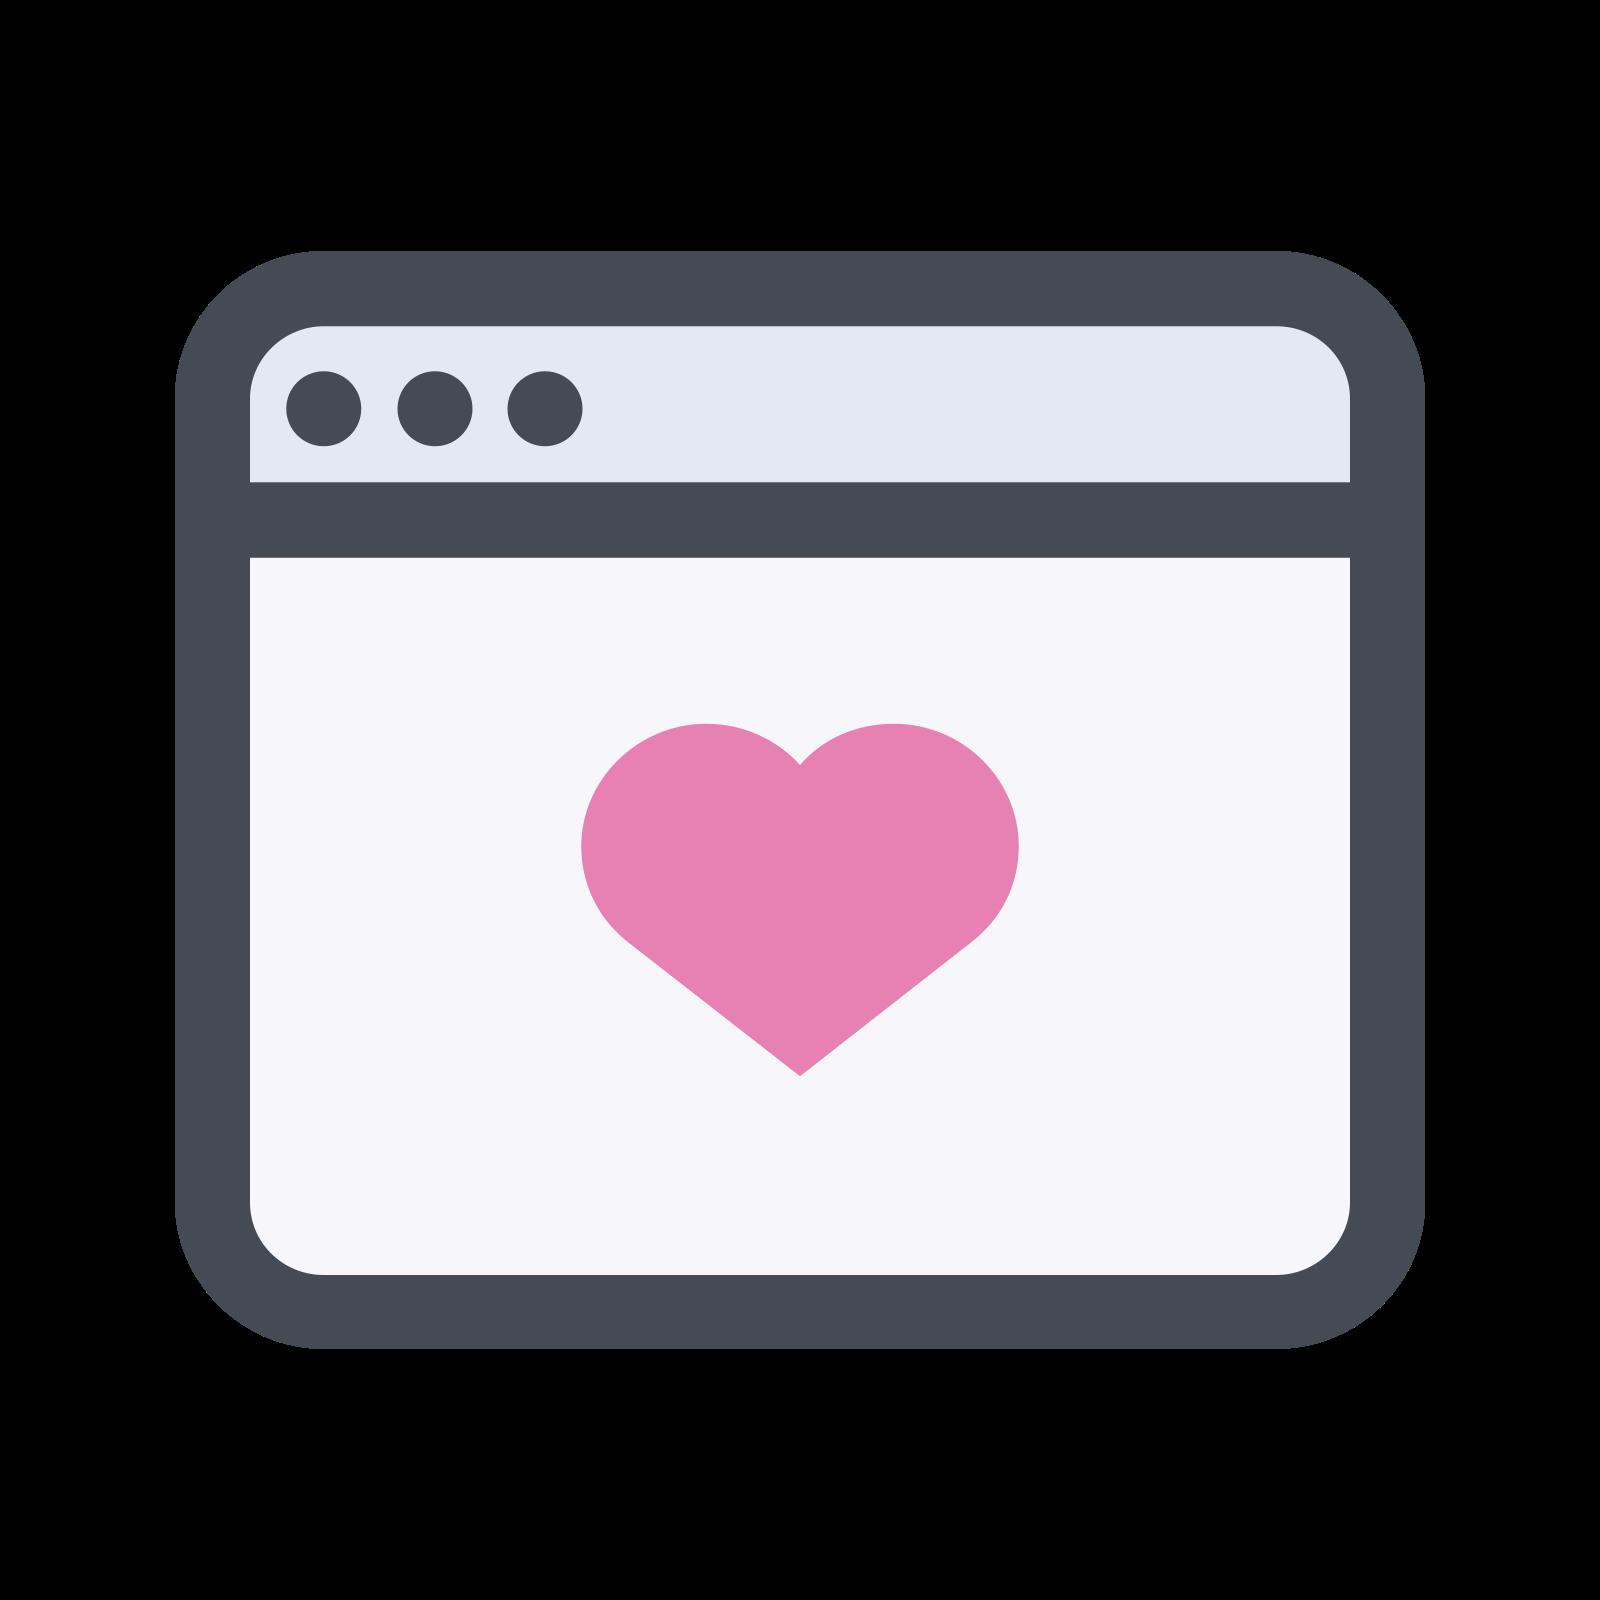 Serwis randkowy icon